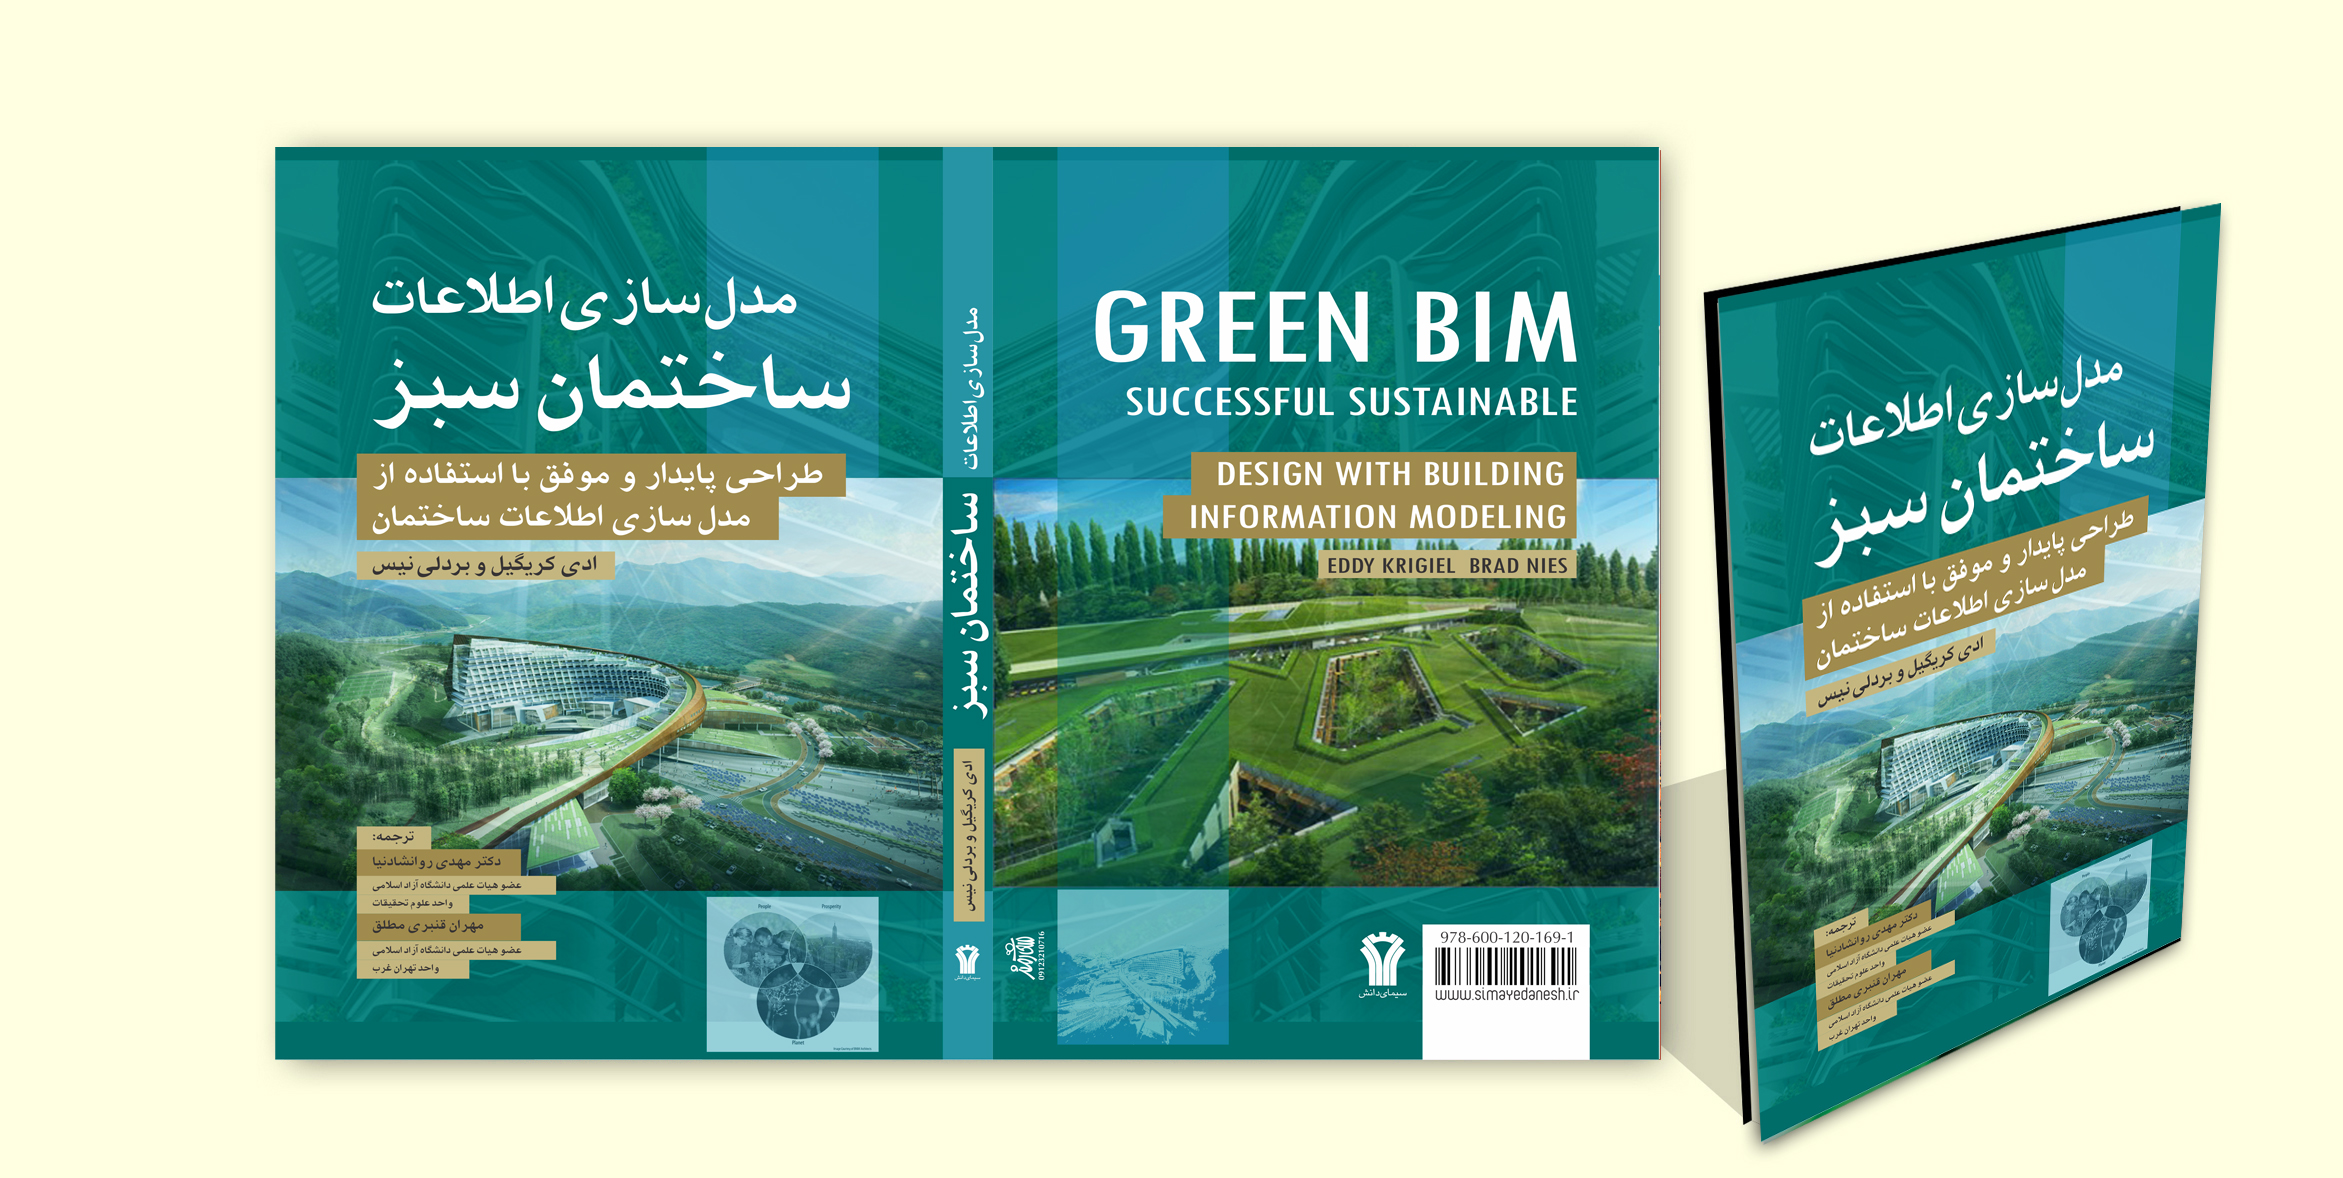 انتشار کتاب مدلسازی اطلاعات ساختمان سبز